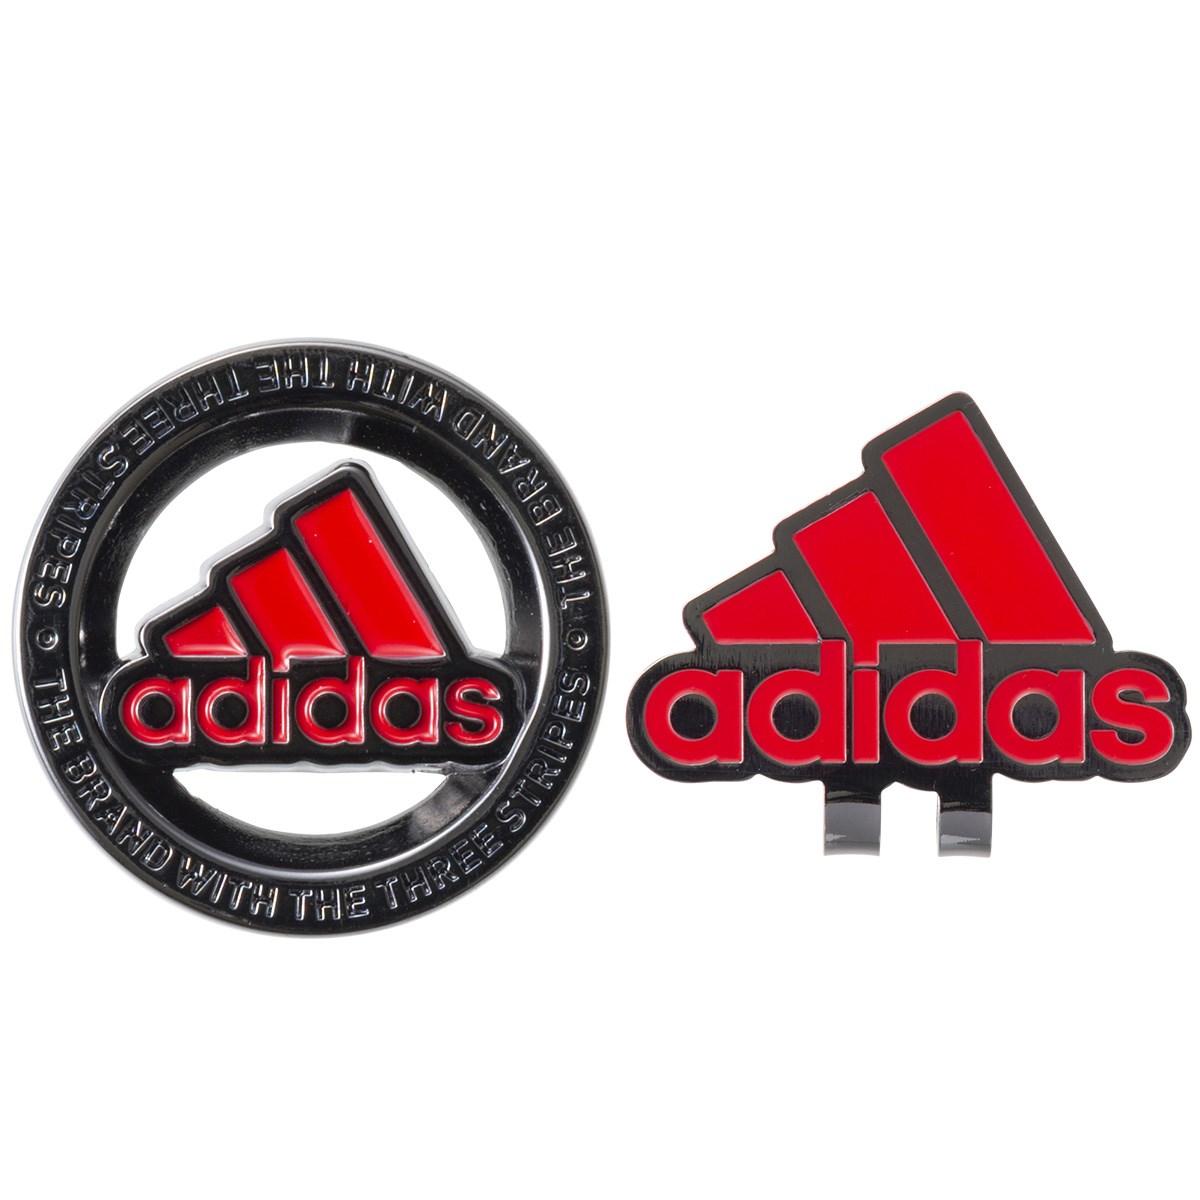 アディダス Adidas コアベーシック クリップマーカー レッド